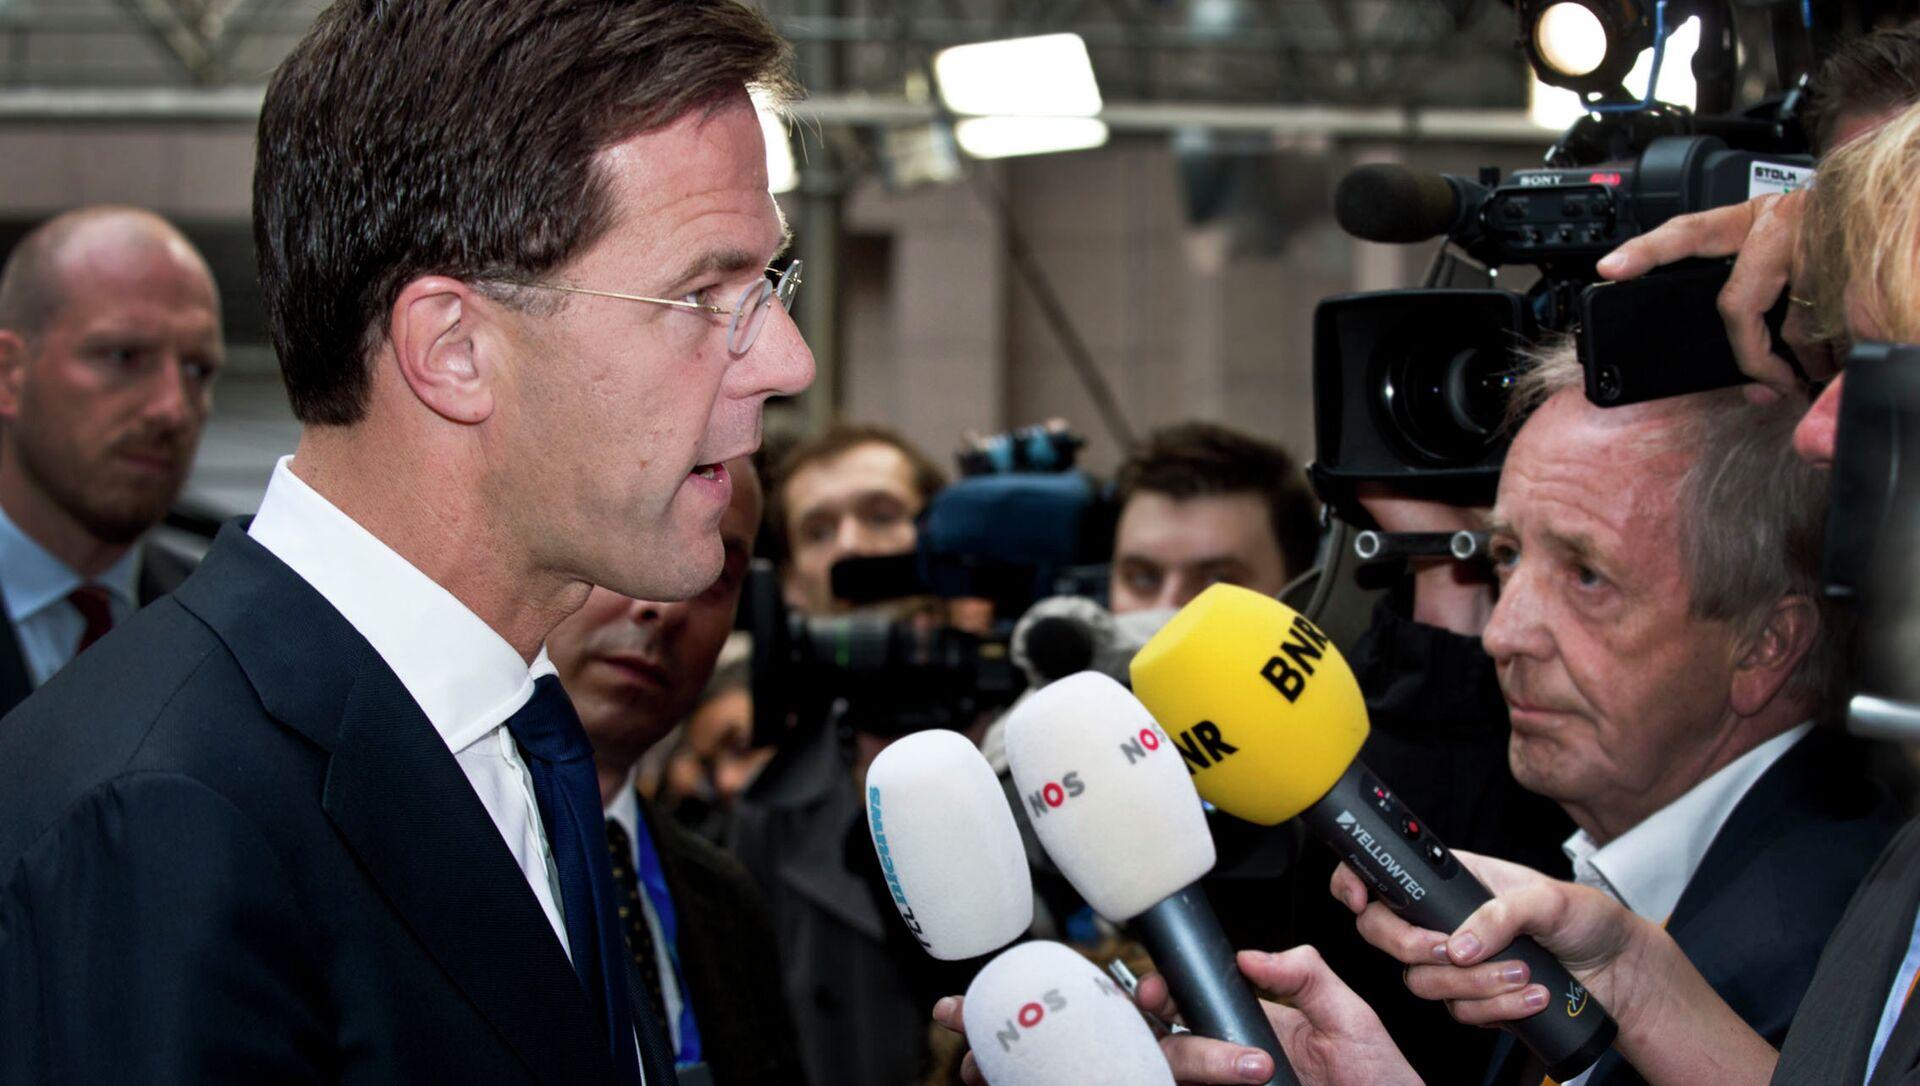 Mark Rutte vince elezioni olandesi con 35 seggi - Sputnik Italia, 1920, 18.03.2021